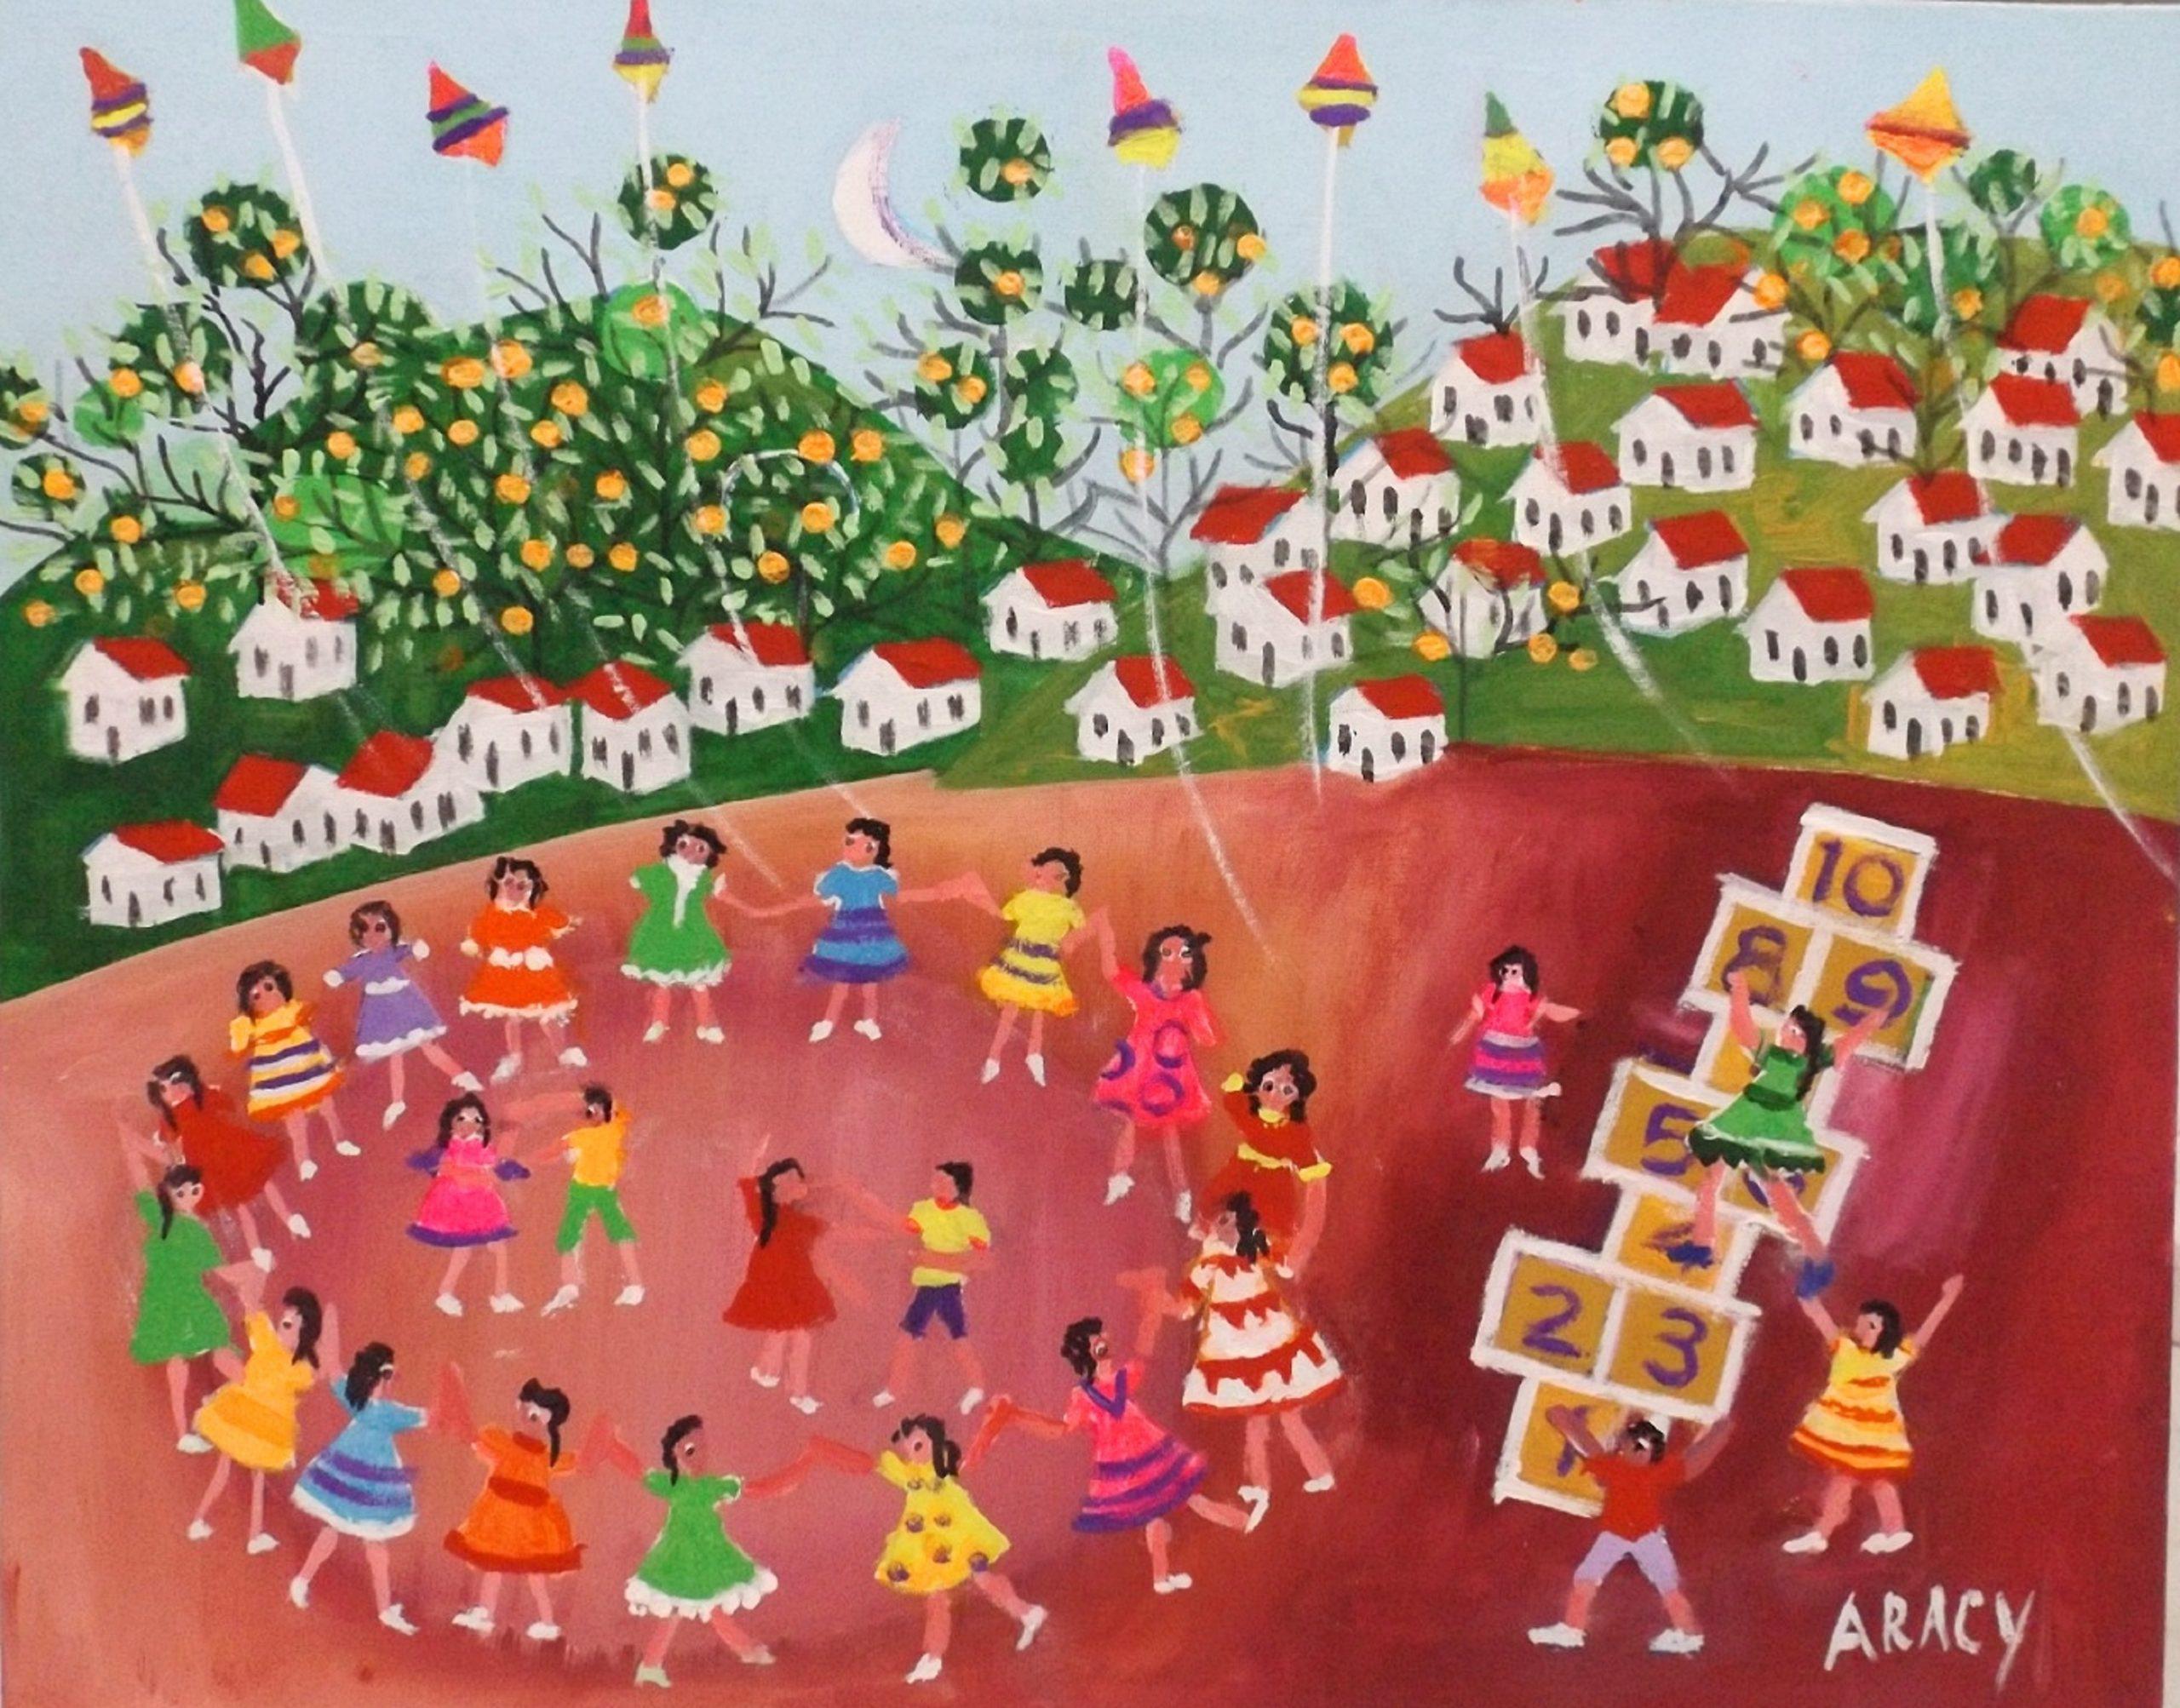 LINDAS TELAS DE ARACY ARTISTA NAIF